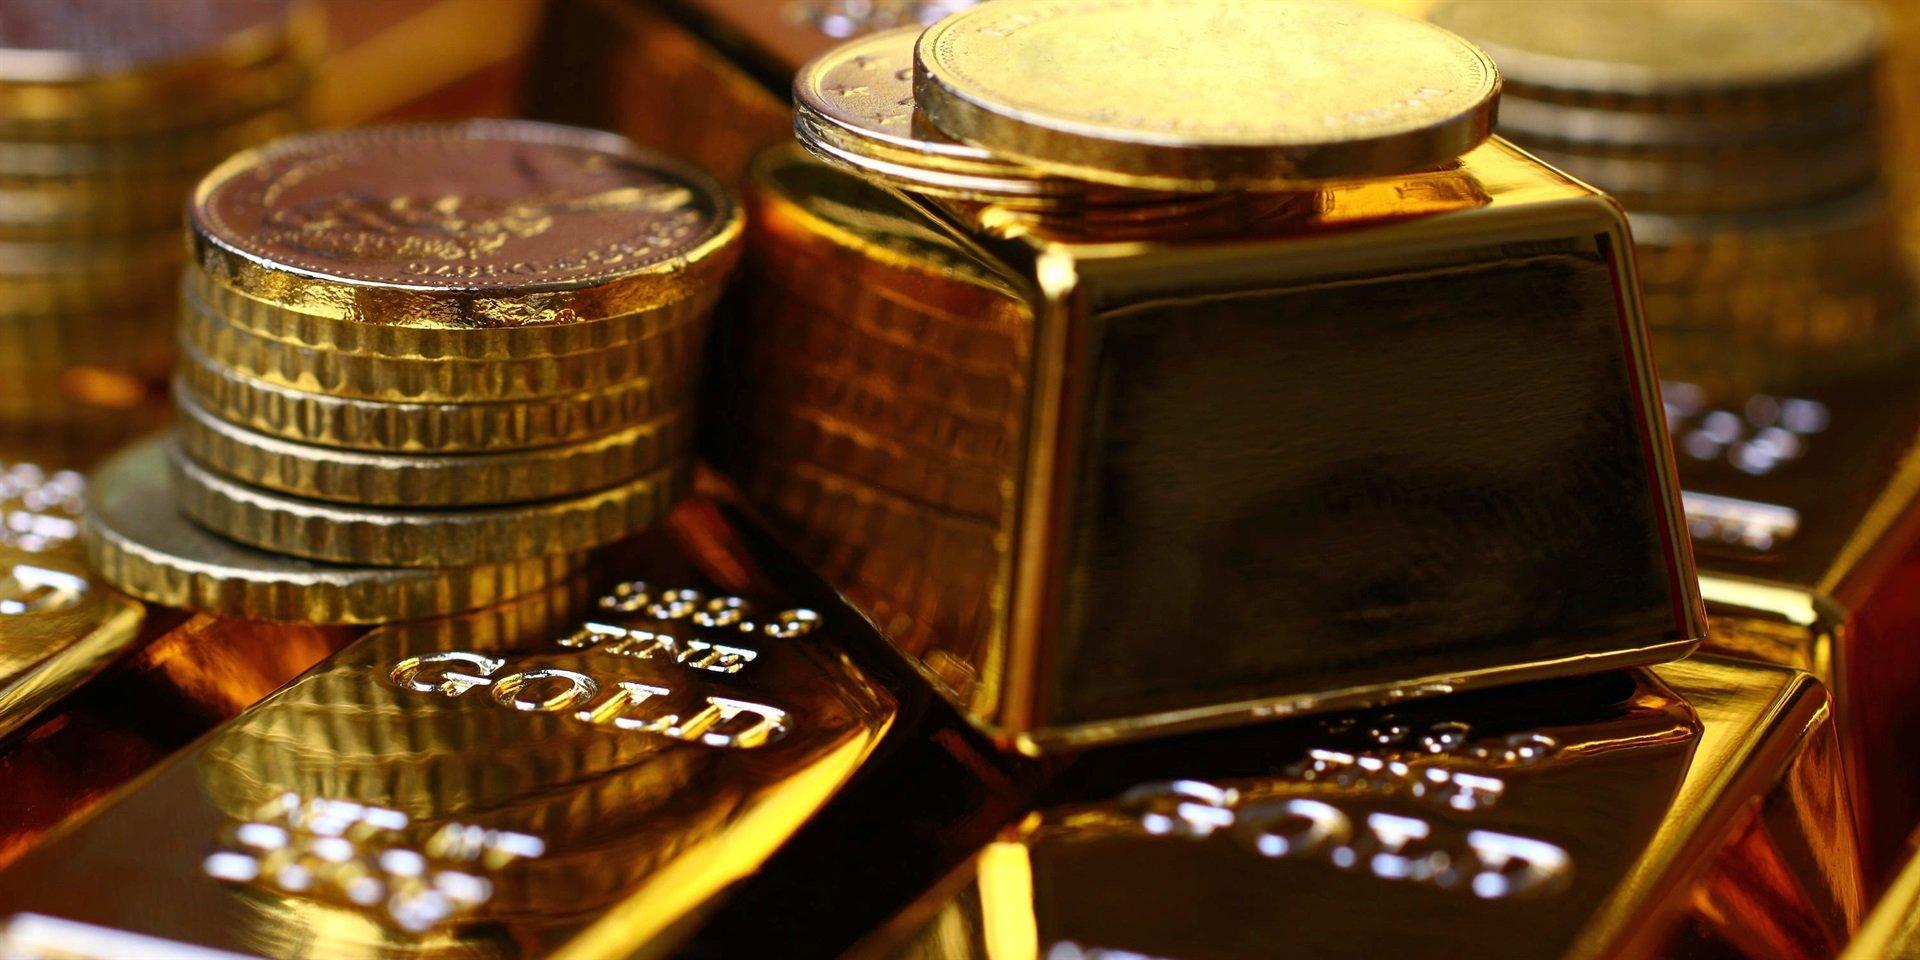 Altın Fiyatları Tahminleri: İşte Beklenen ve İzlenecek Seviyeler!